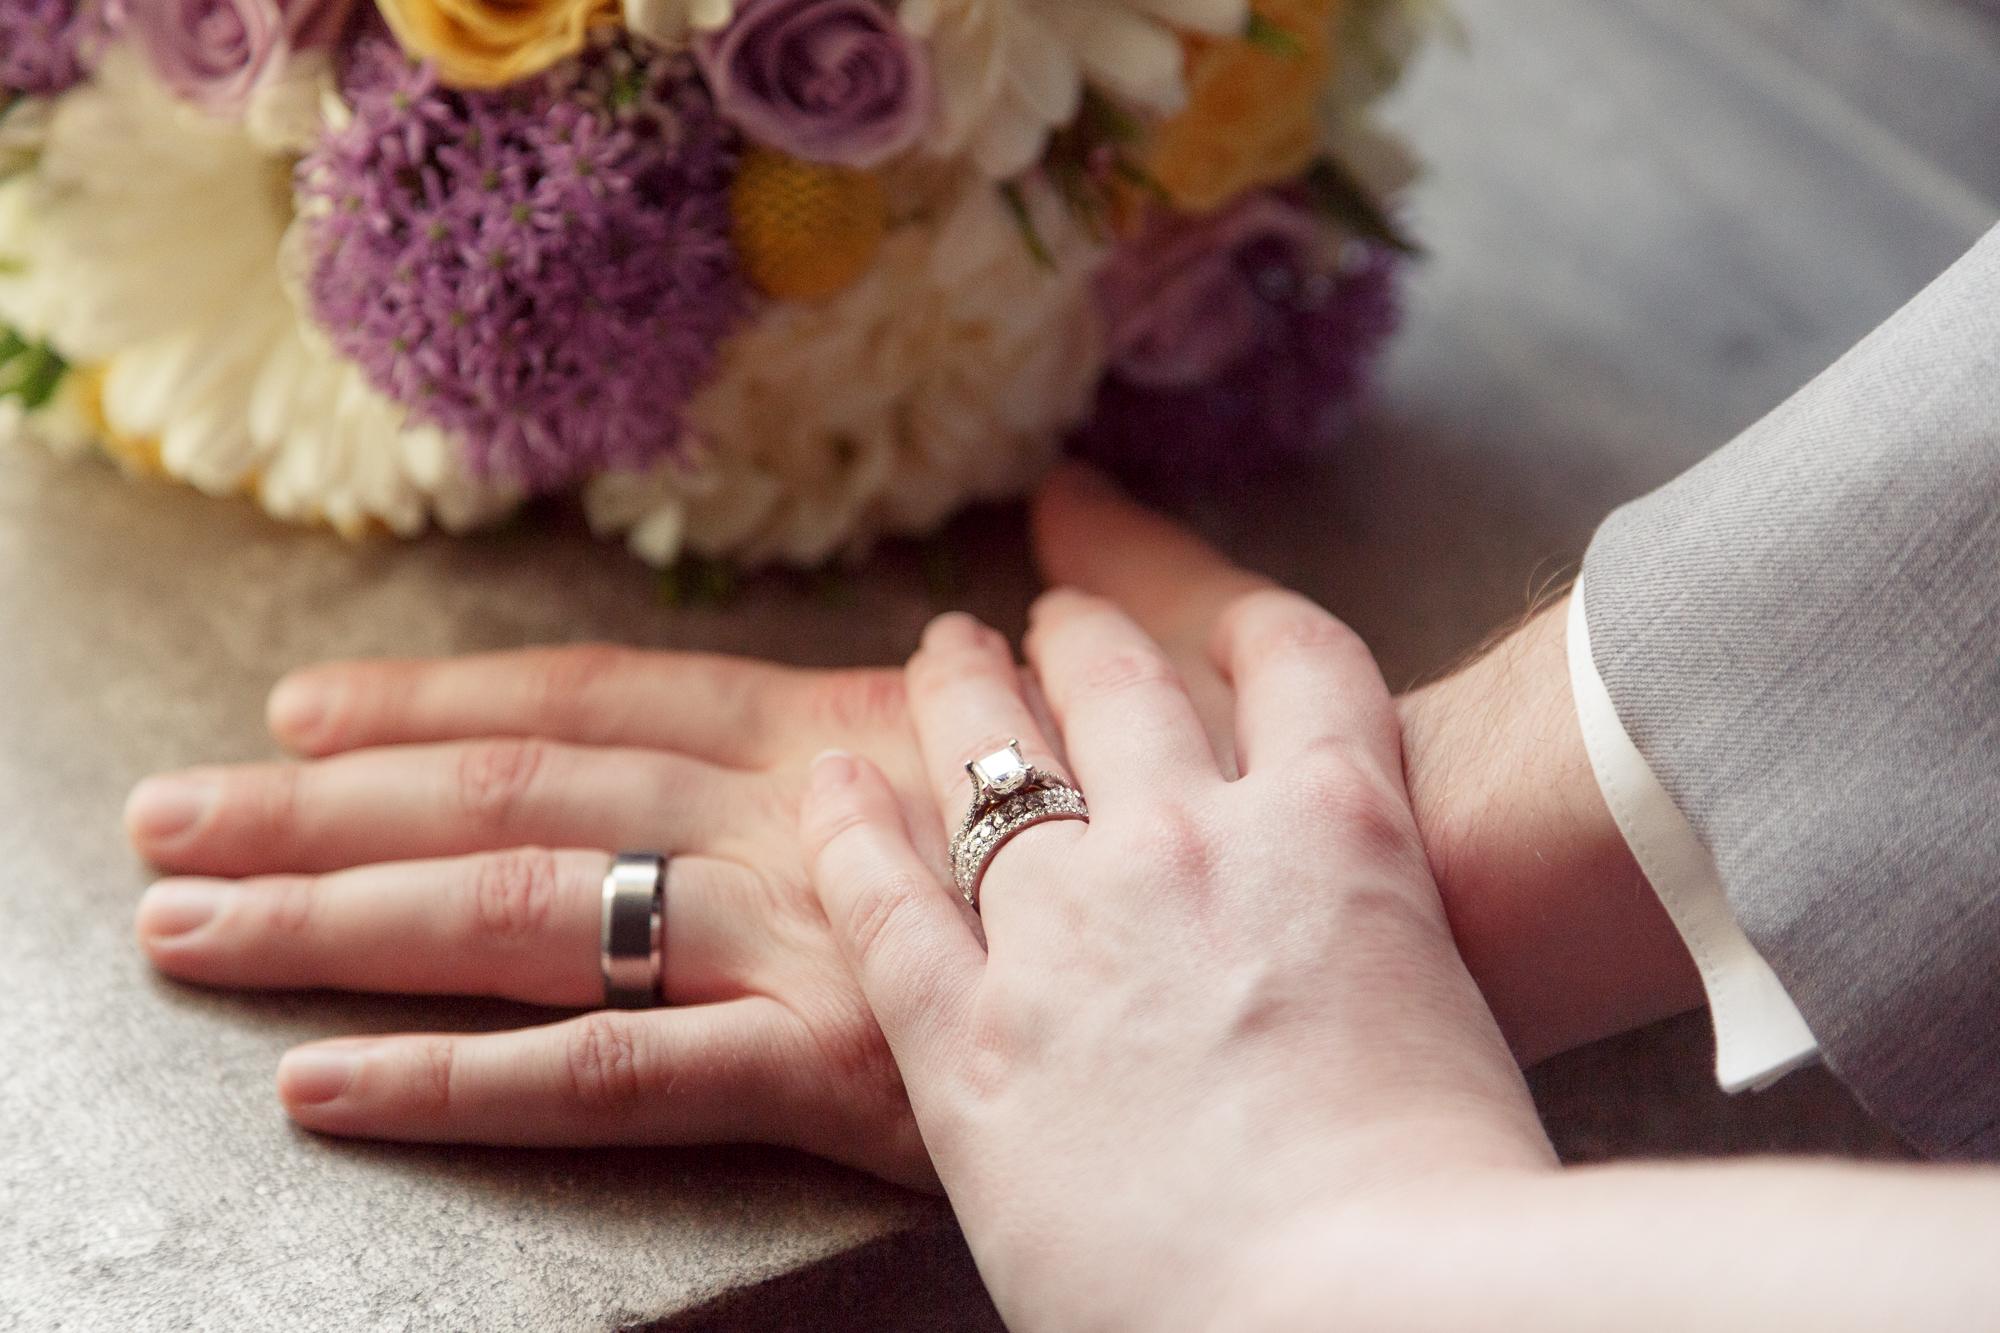 scranton-wedding-photography-zak-zavada-poconos--kellyGeoff-028.jpg